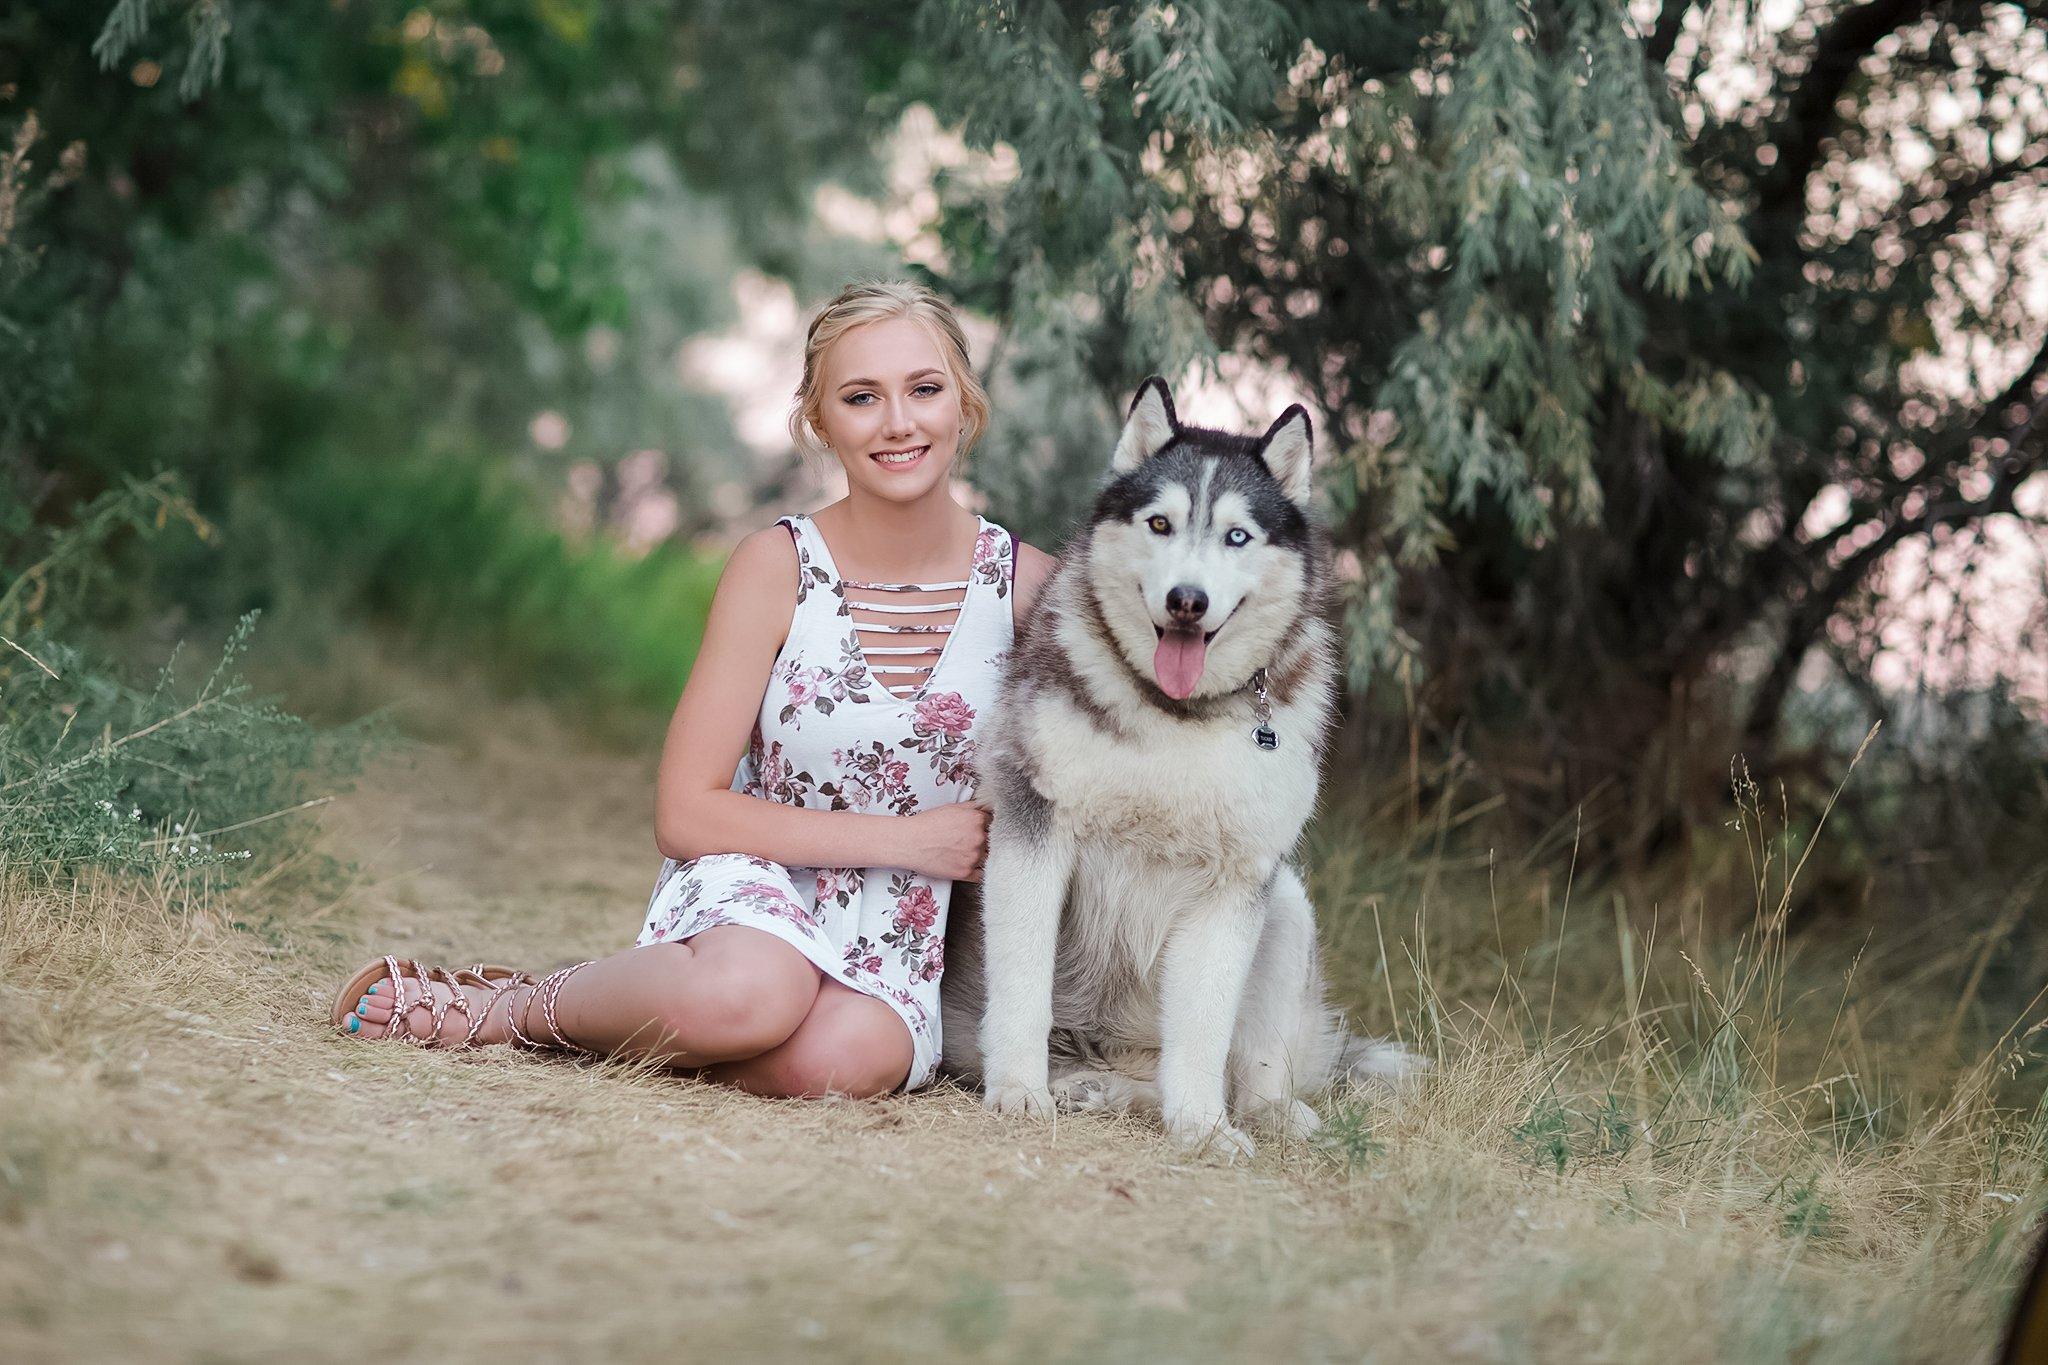 Pretty Presets Base de color pastel preestablecido agregado a la foto de una niña con vestido de flores sentada junto a un perro huskie